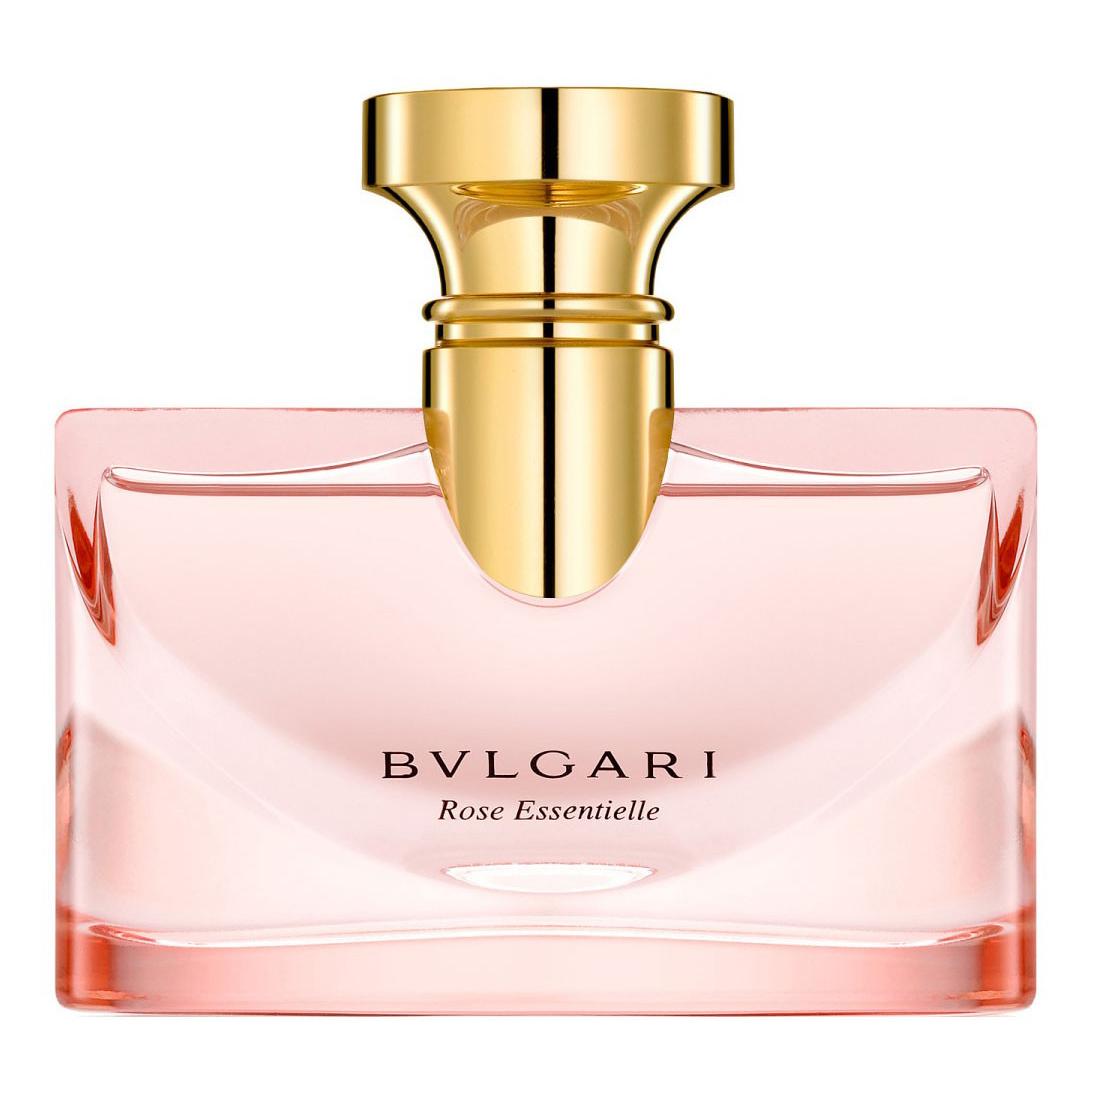 Eau de Parfum Rose Essentielle - BVLGARI